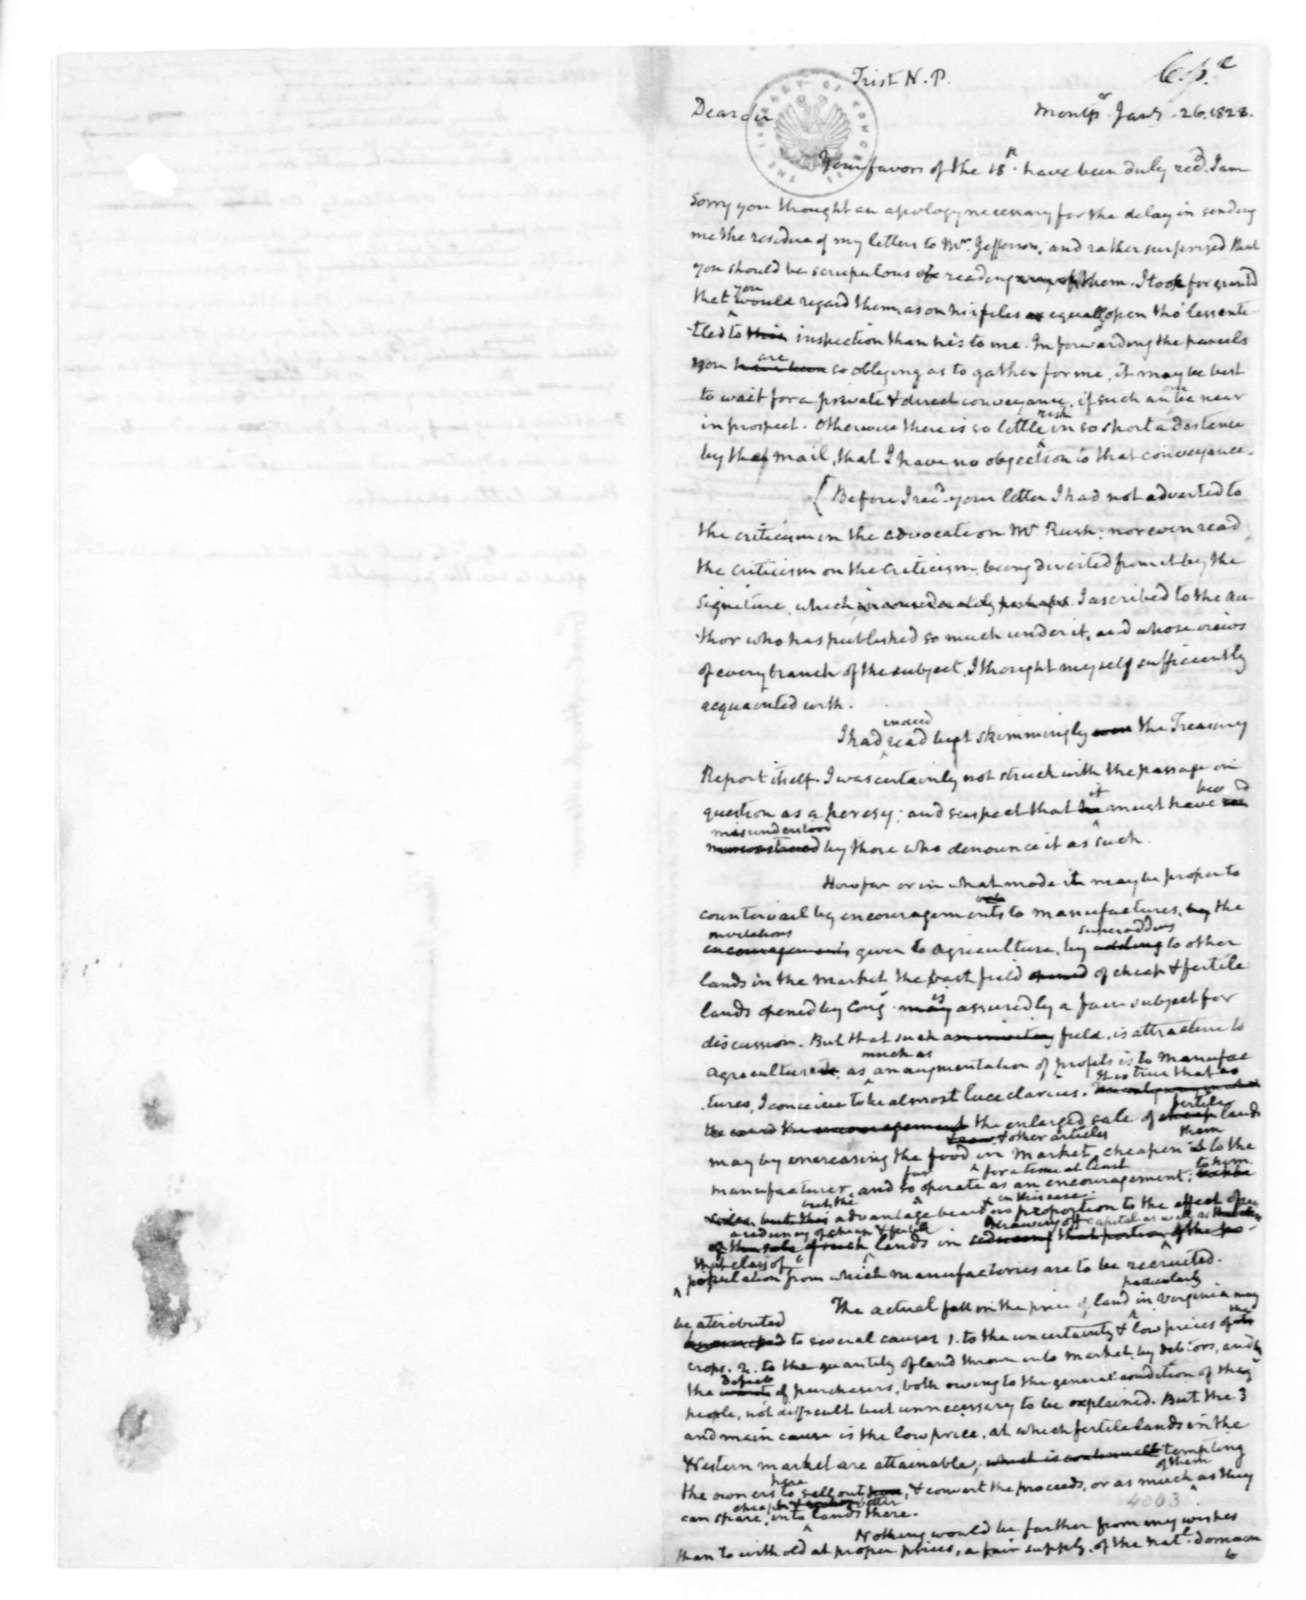 James Madison to Nicholas P. Trist, January 26, 1828.